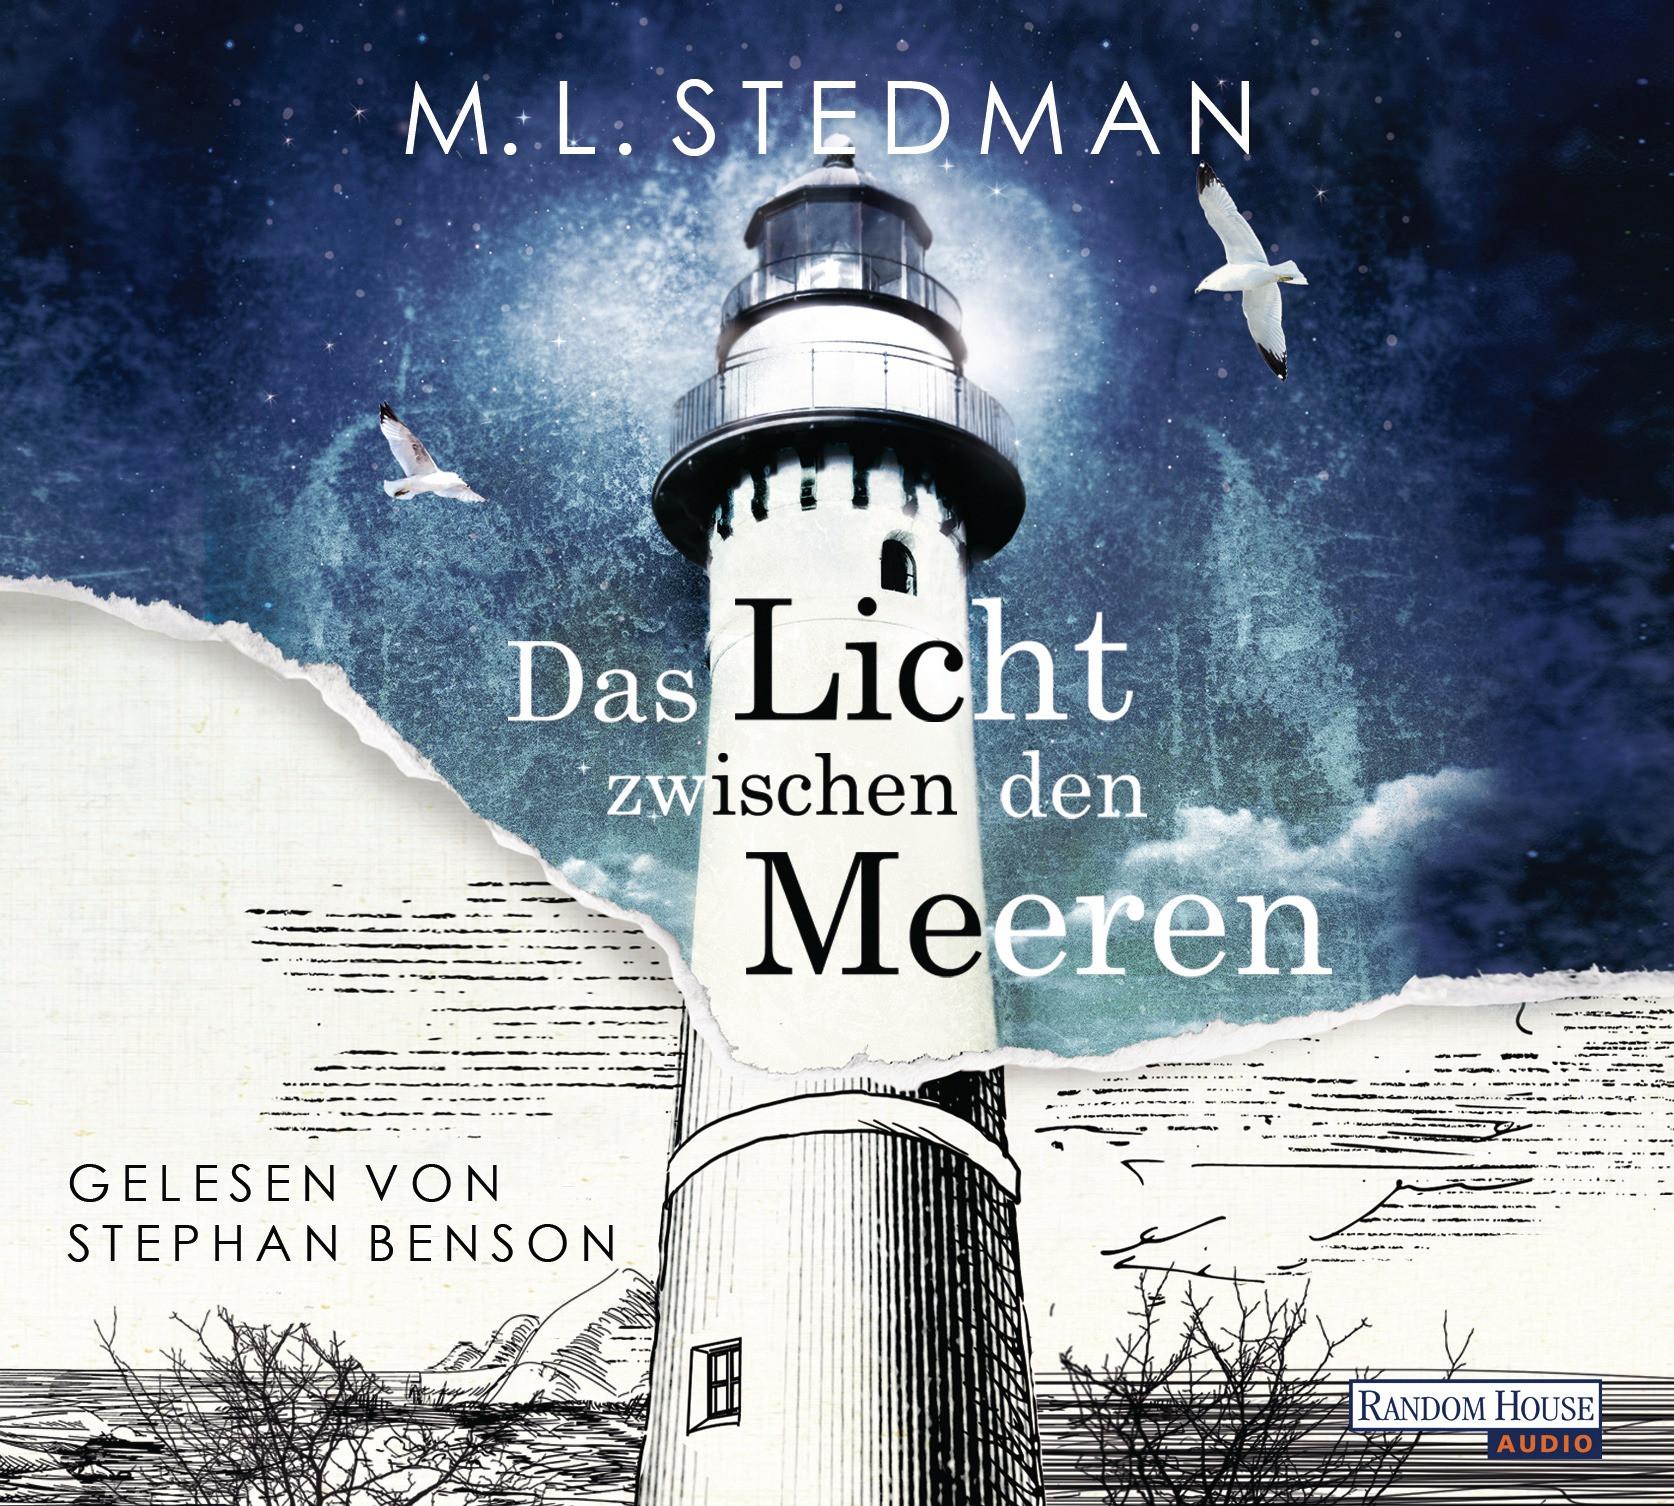 M. L. Stedman - Das Licht zwischen den Meeren